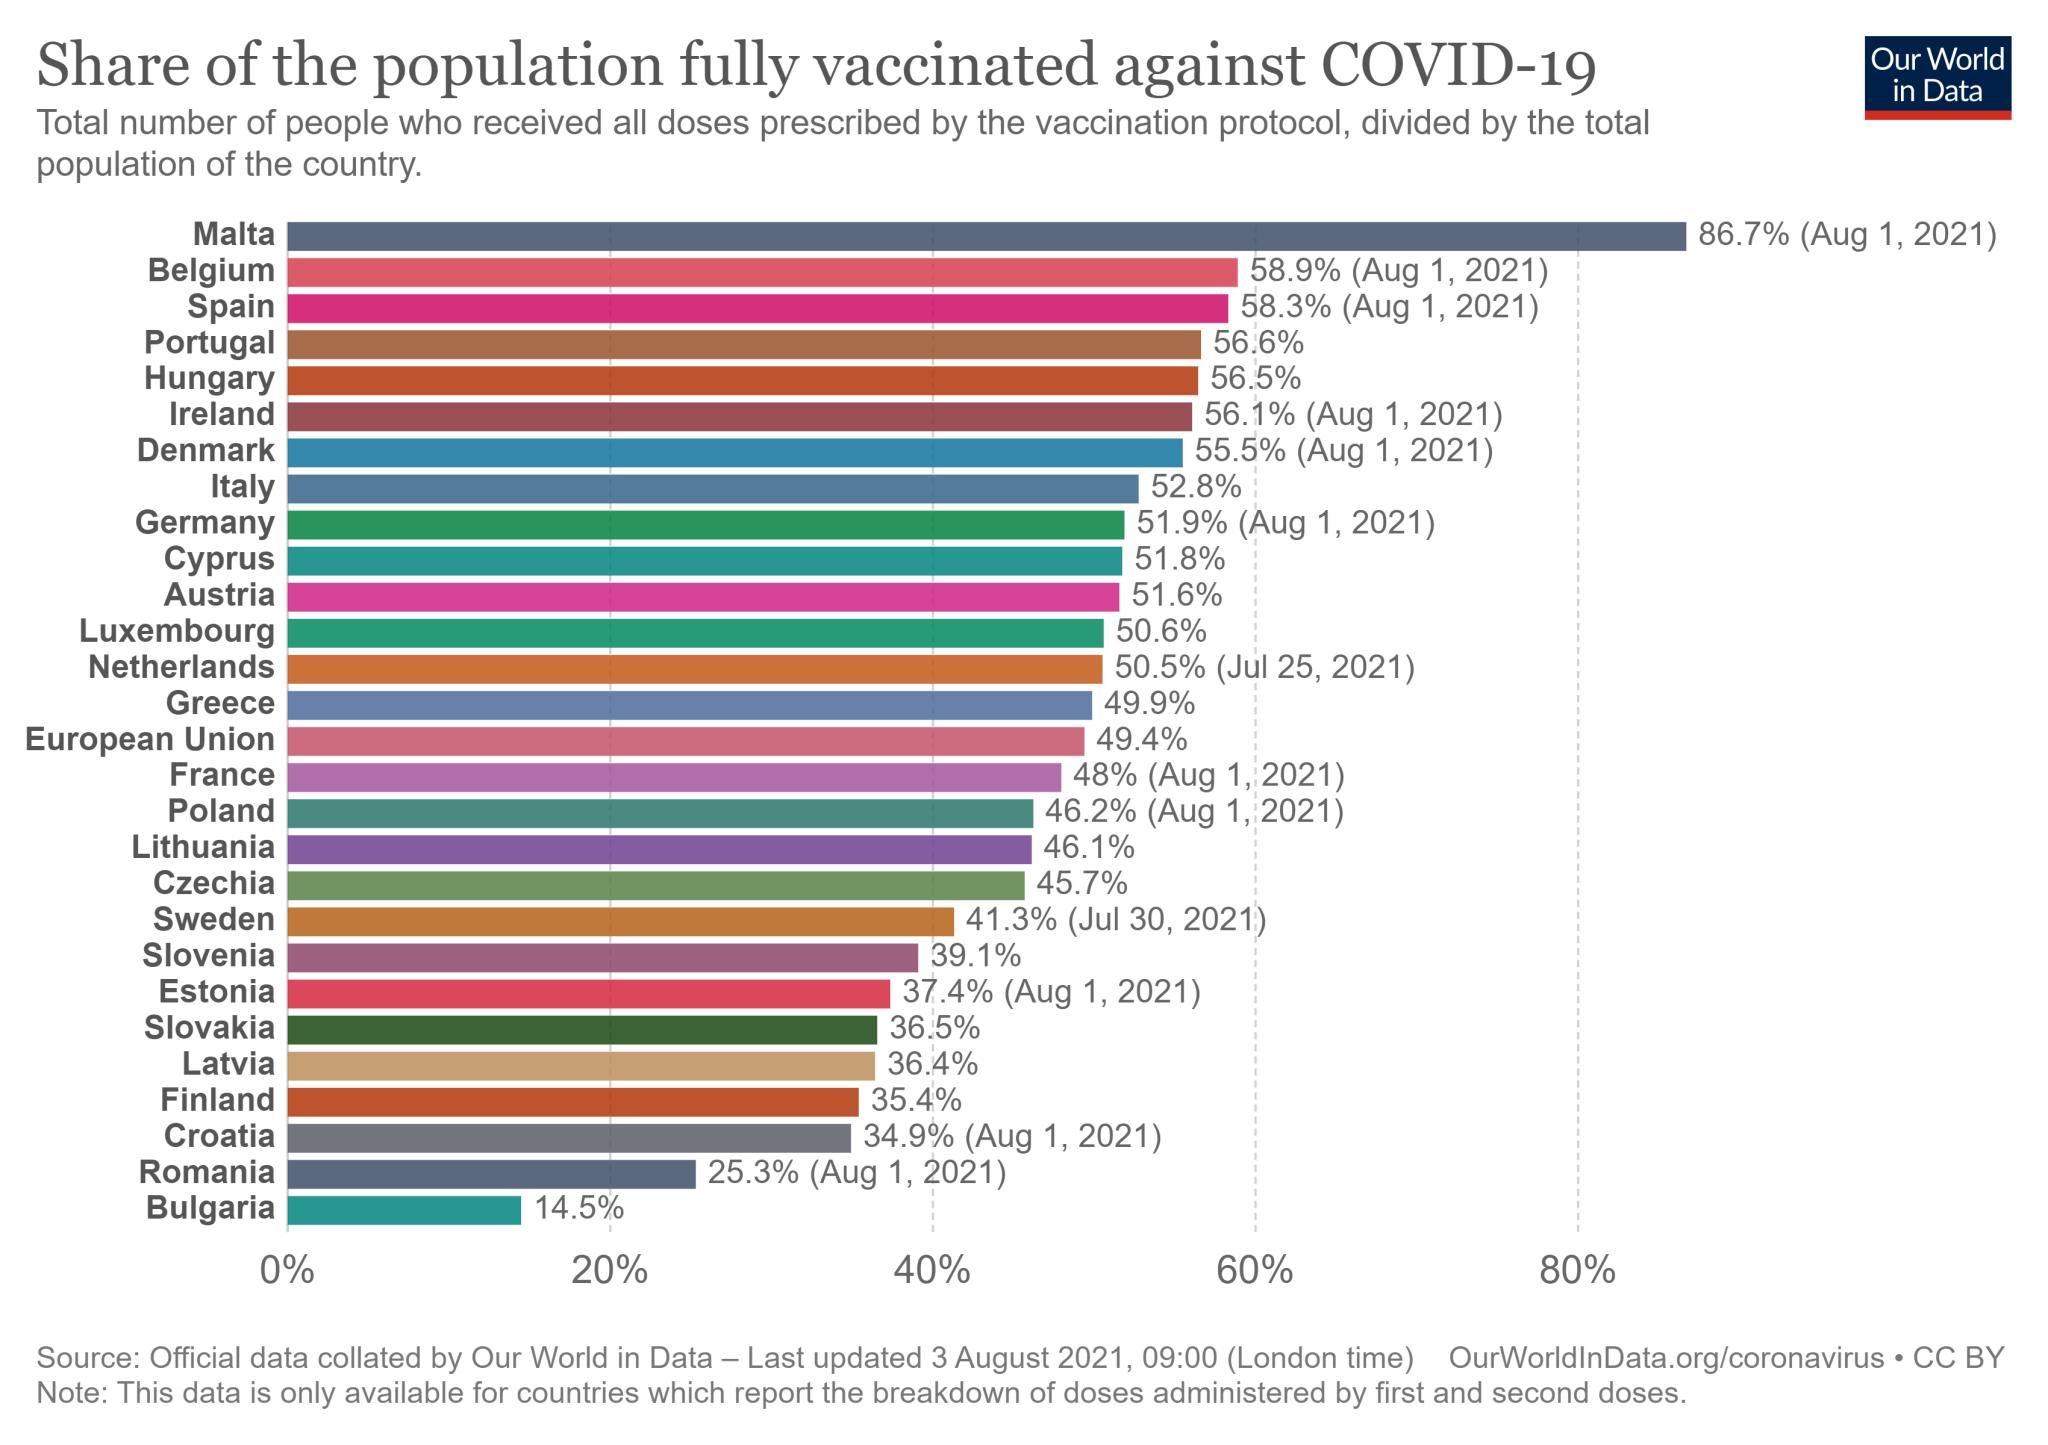 27% dintre cetățenii UE au vaccinat împotriva COVID-19 în toate dozele necesare - până la 2 august 2021